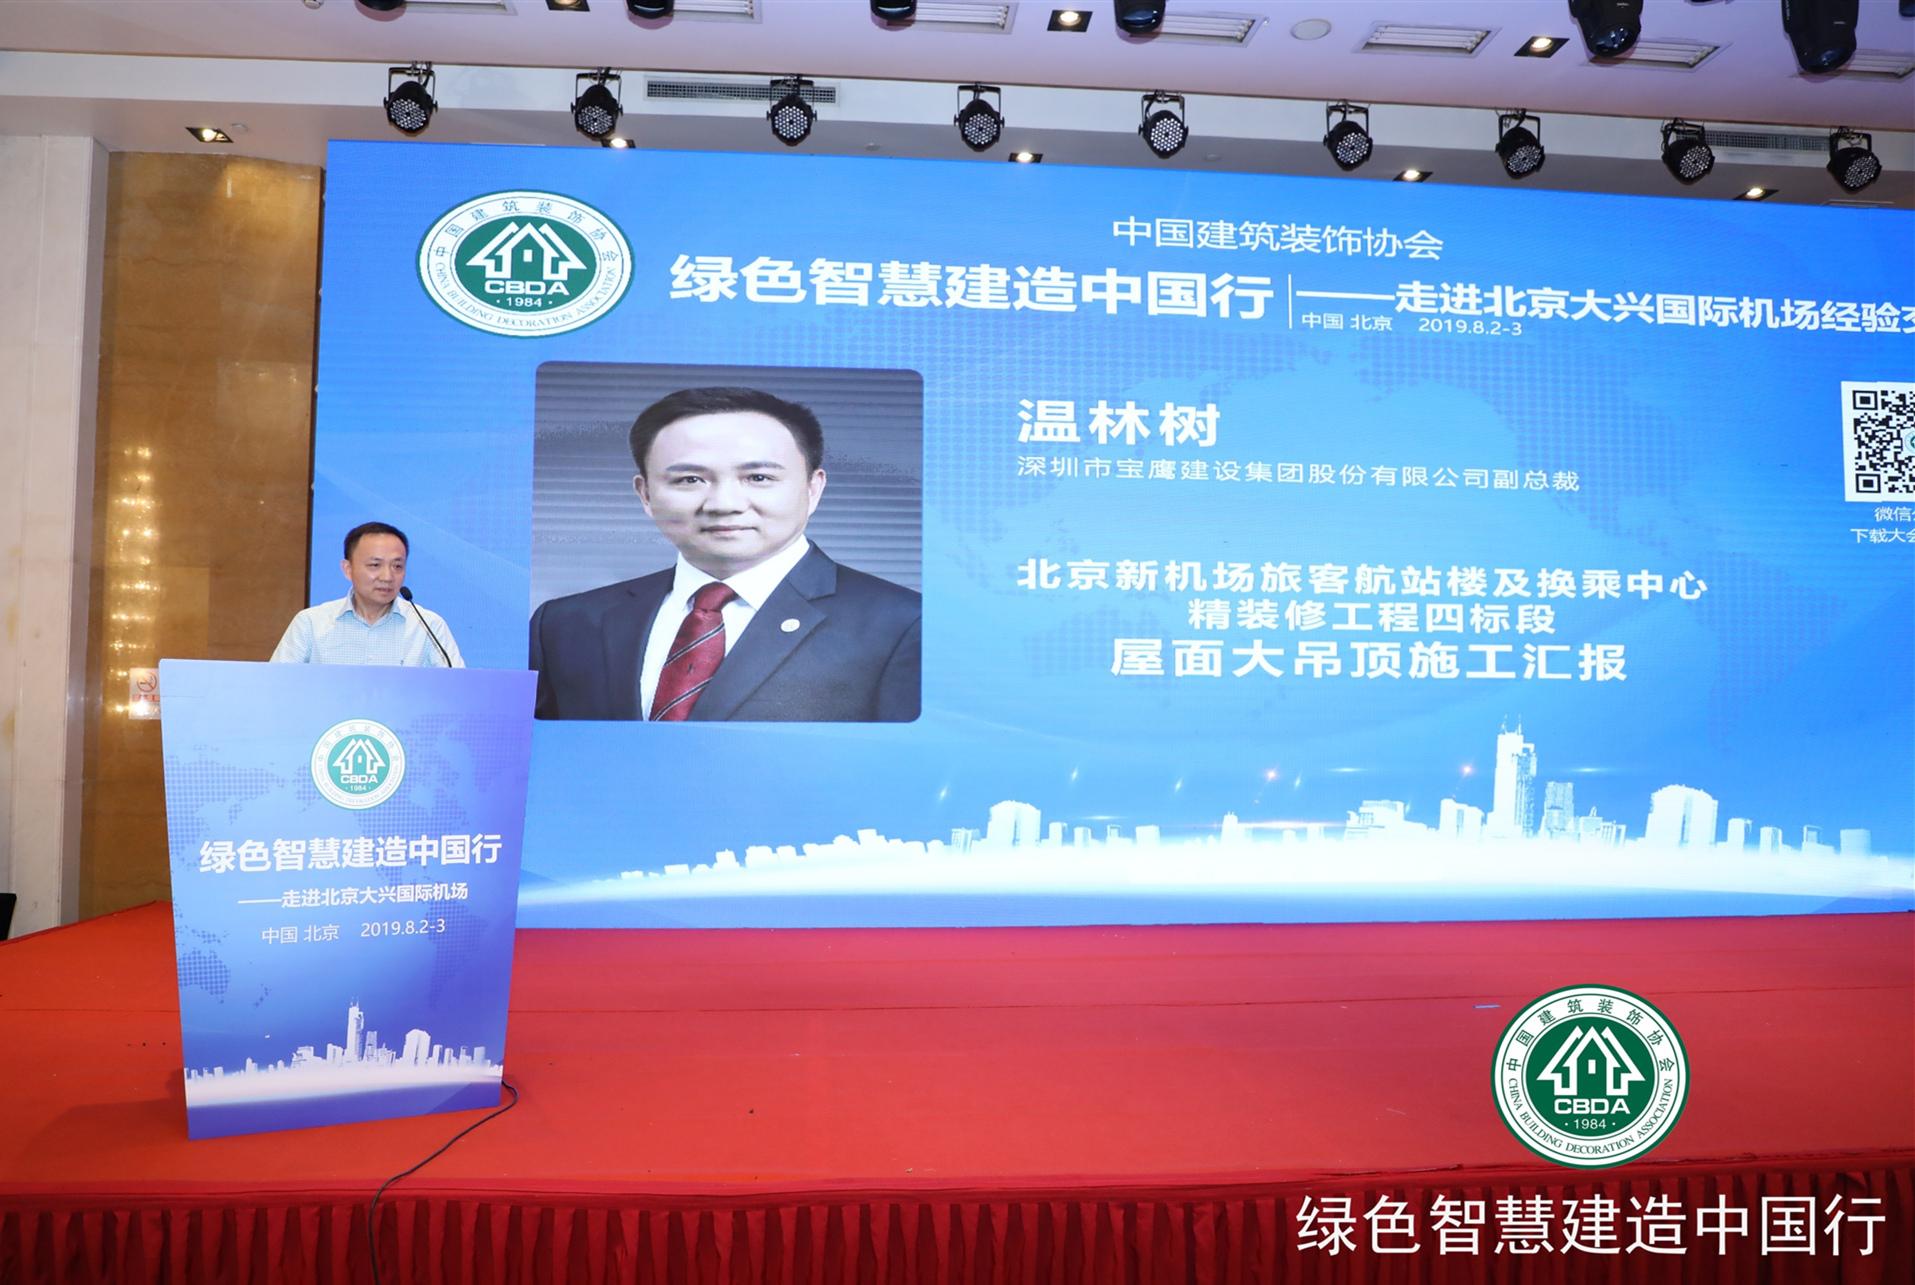 竞博体育APP集团副总裁温林树应邀分享北京大兴国际机场项目建设经验